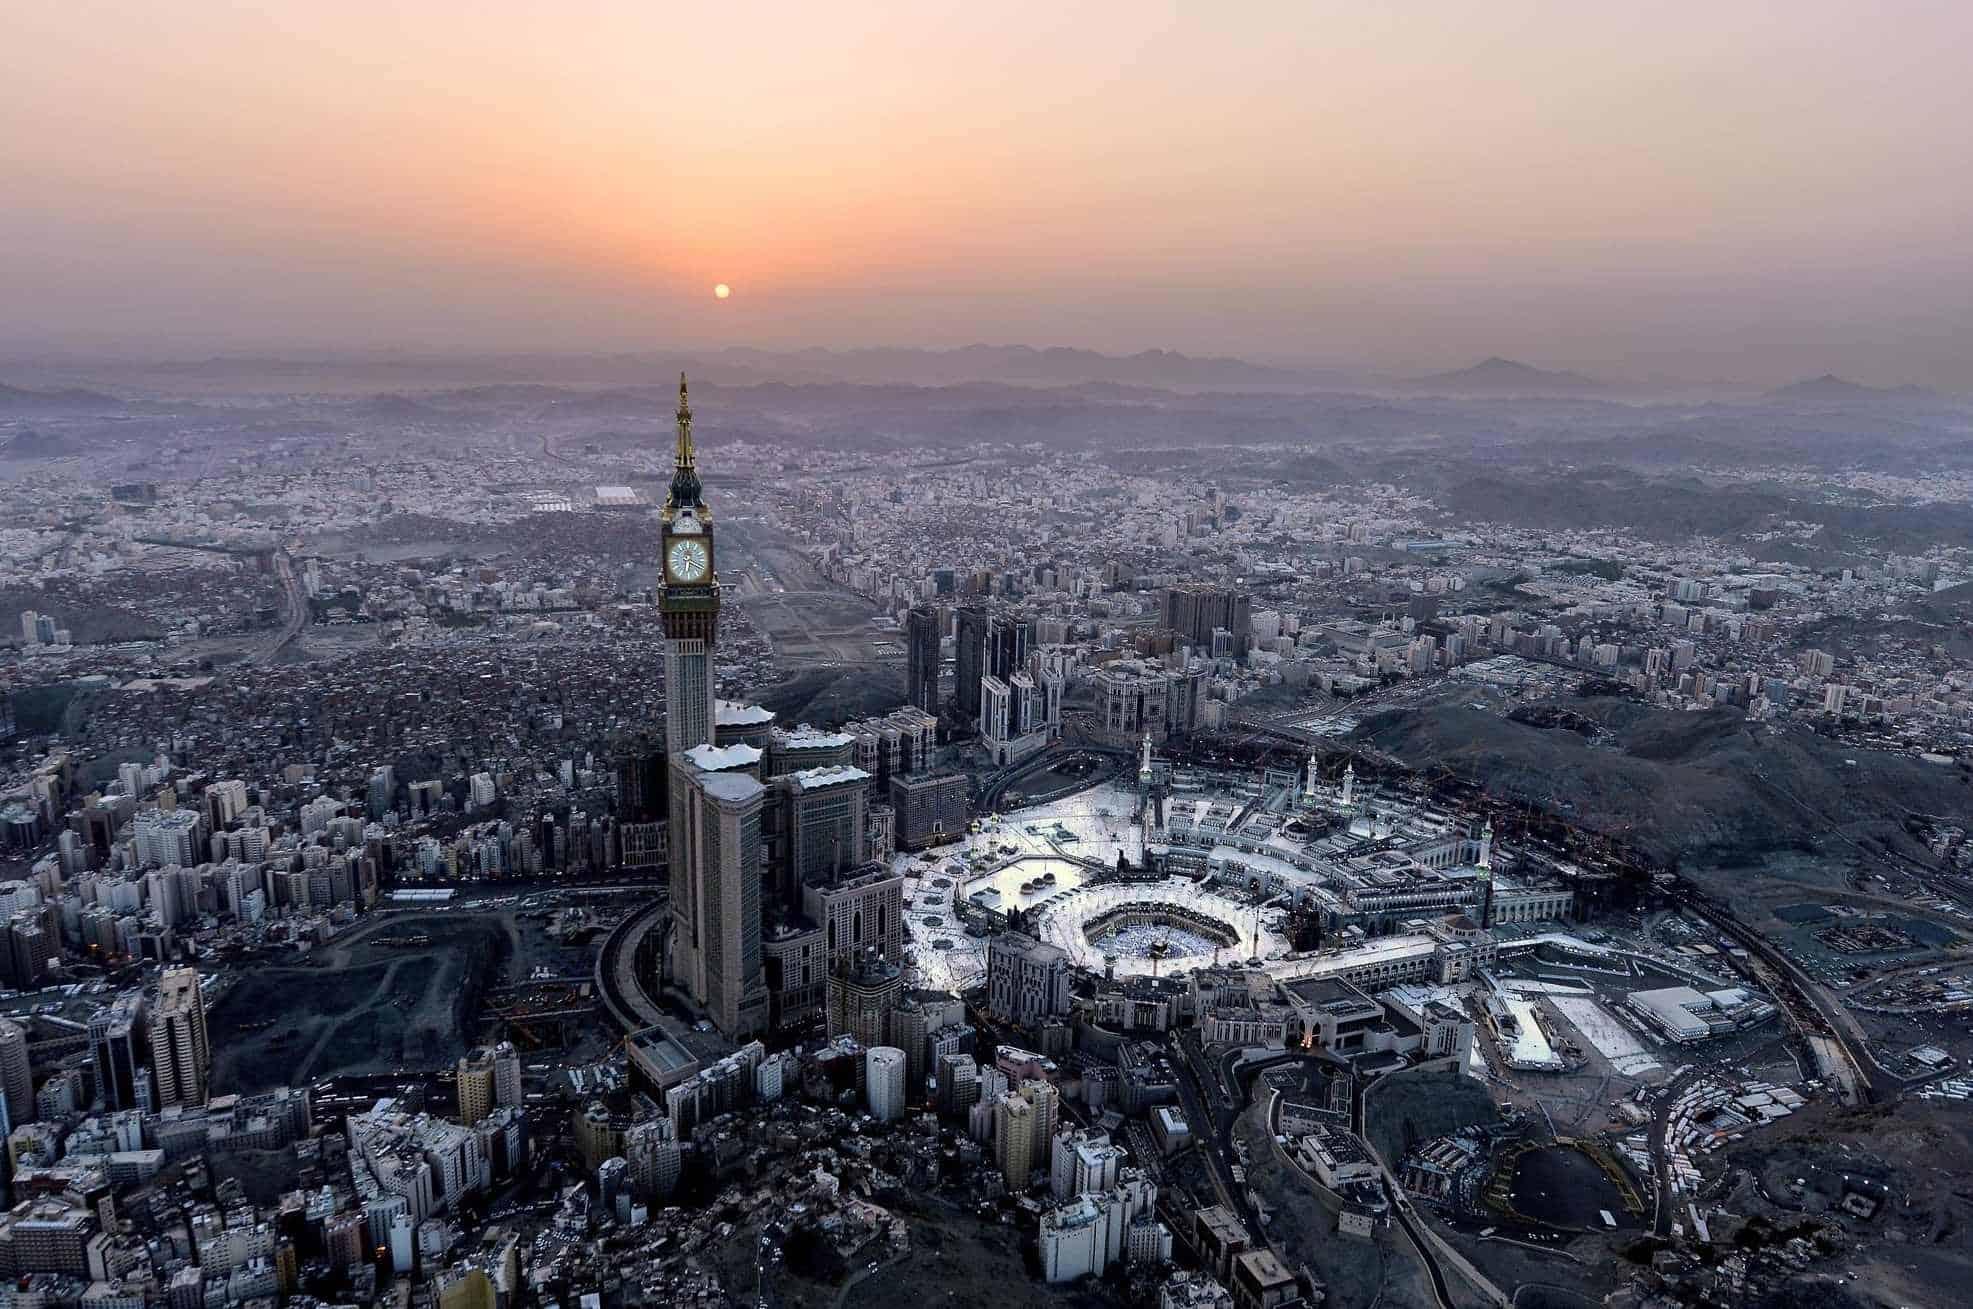 города саудовской аравии фото расцветка